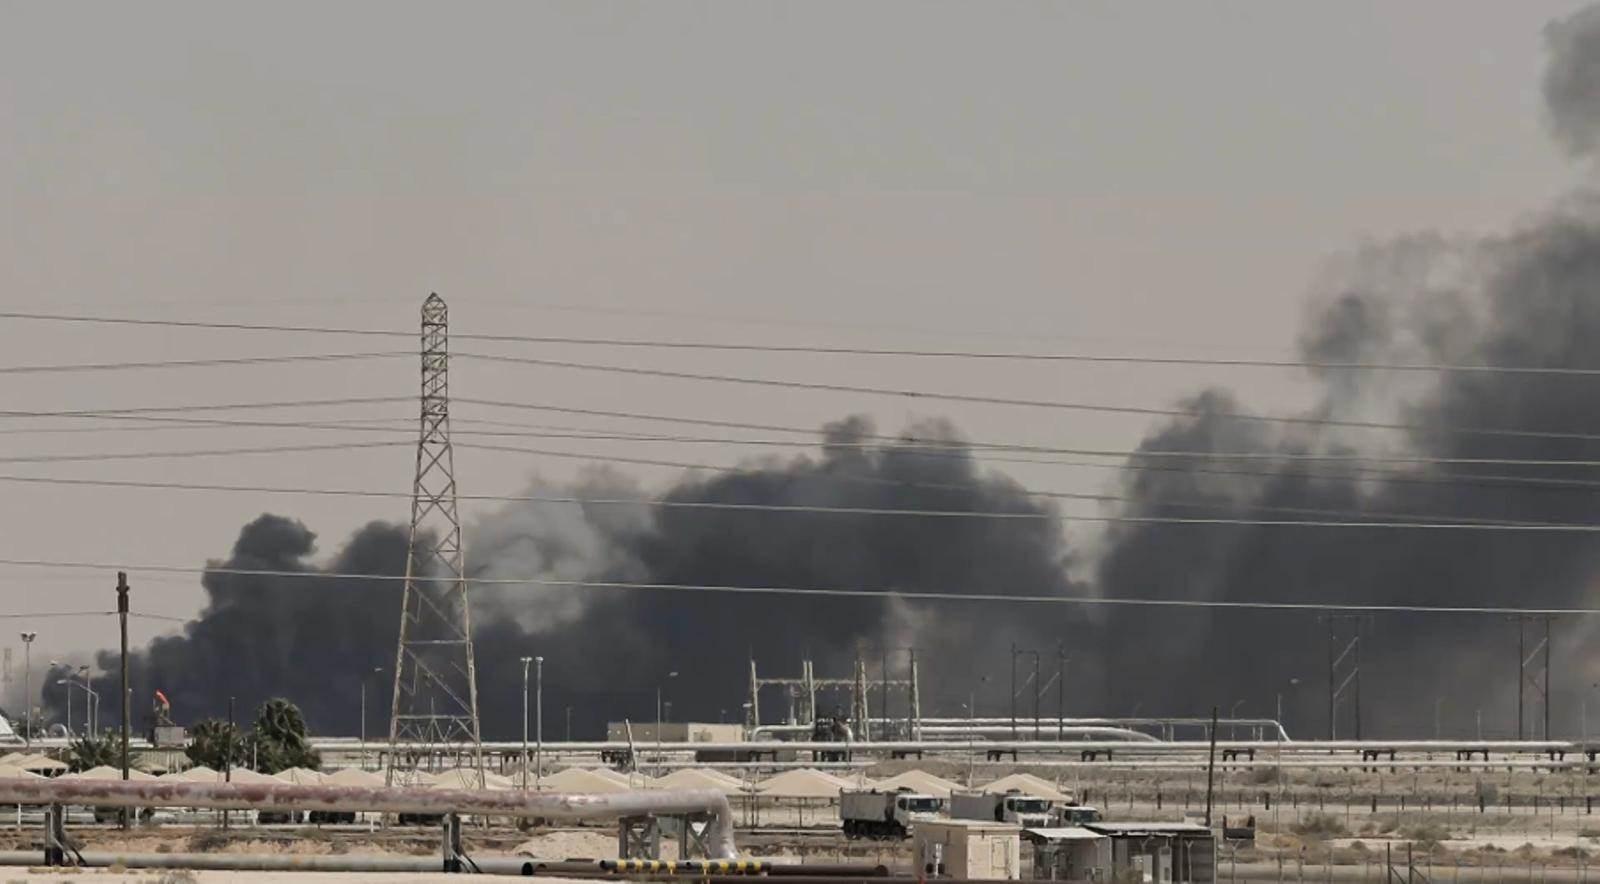 إيران: تقرير الأمم المتحدة حول منشآت أرامكو صادر بضغوط أميركية سعودية